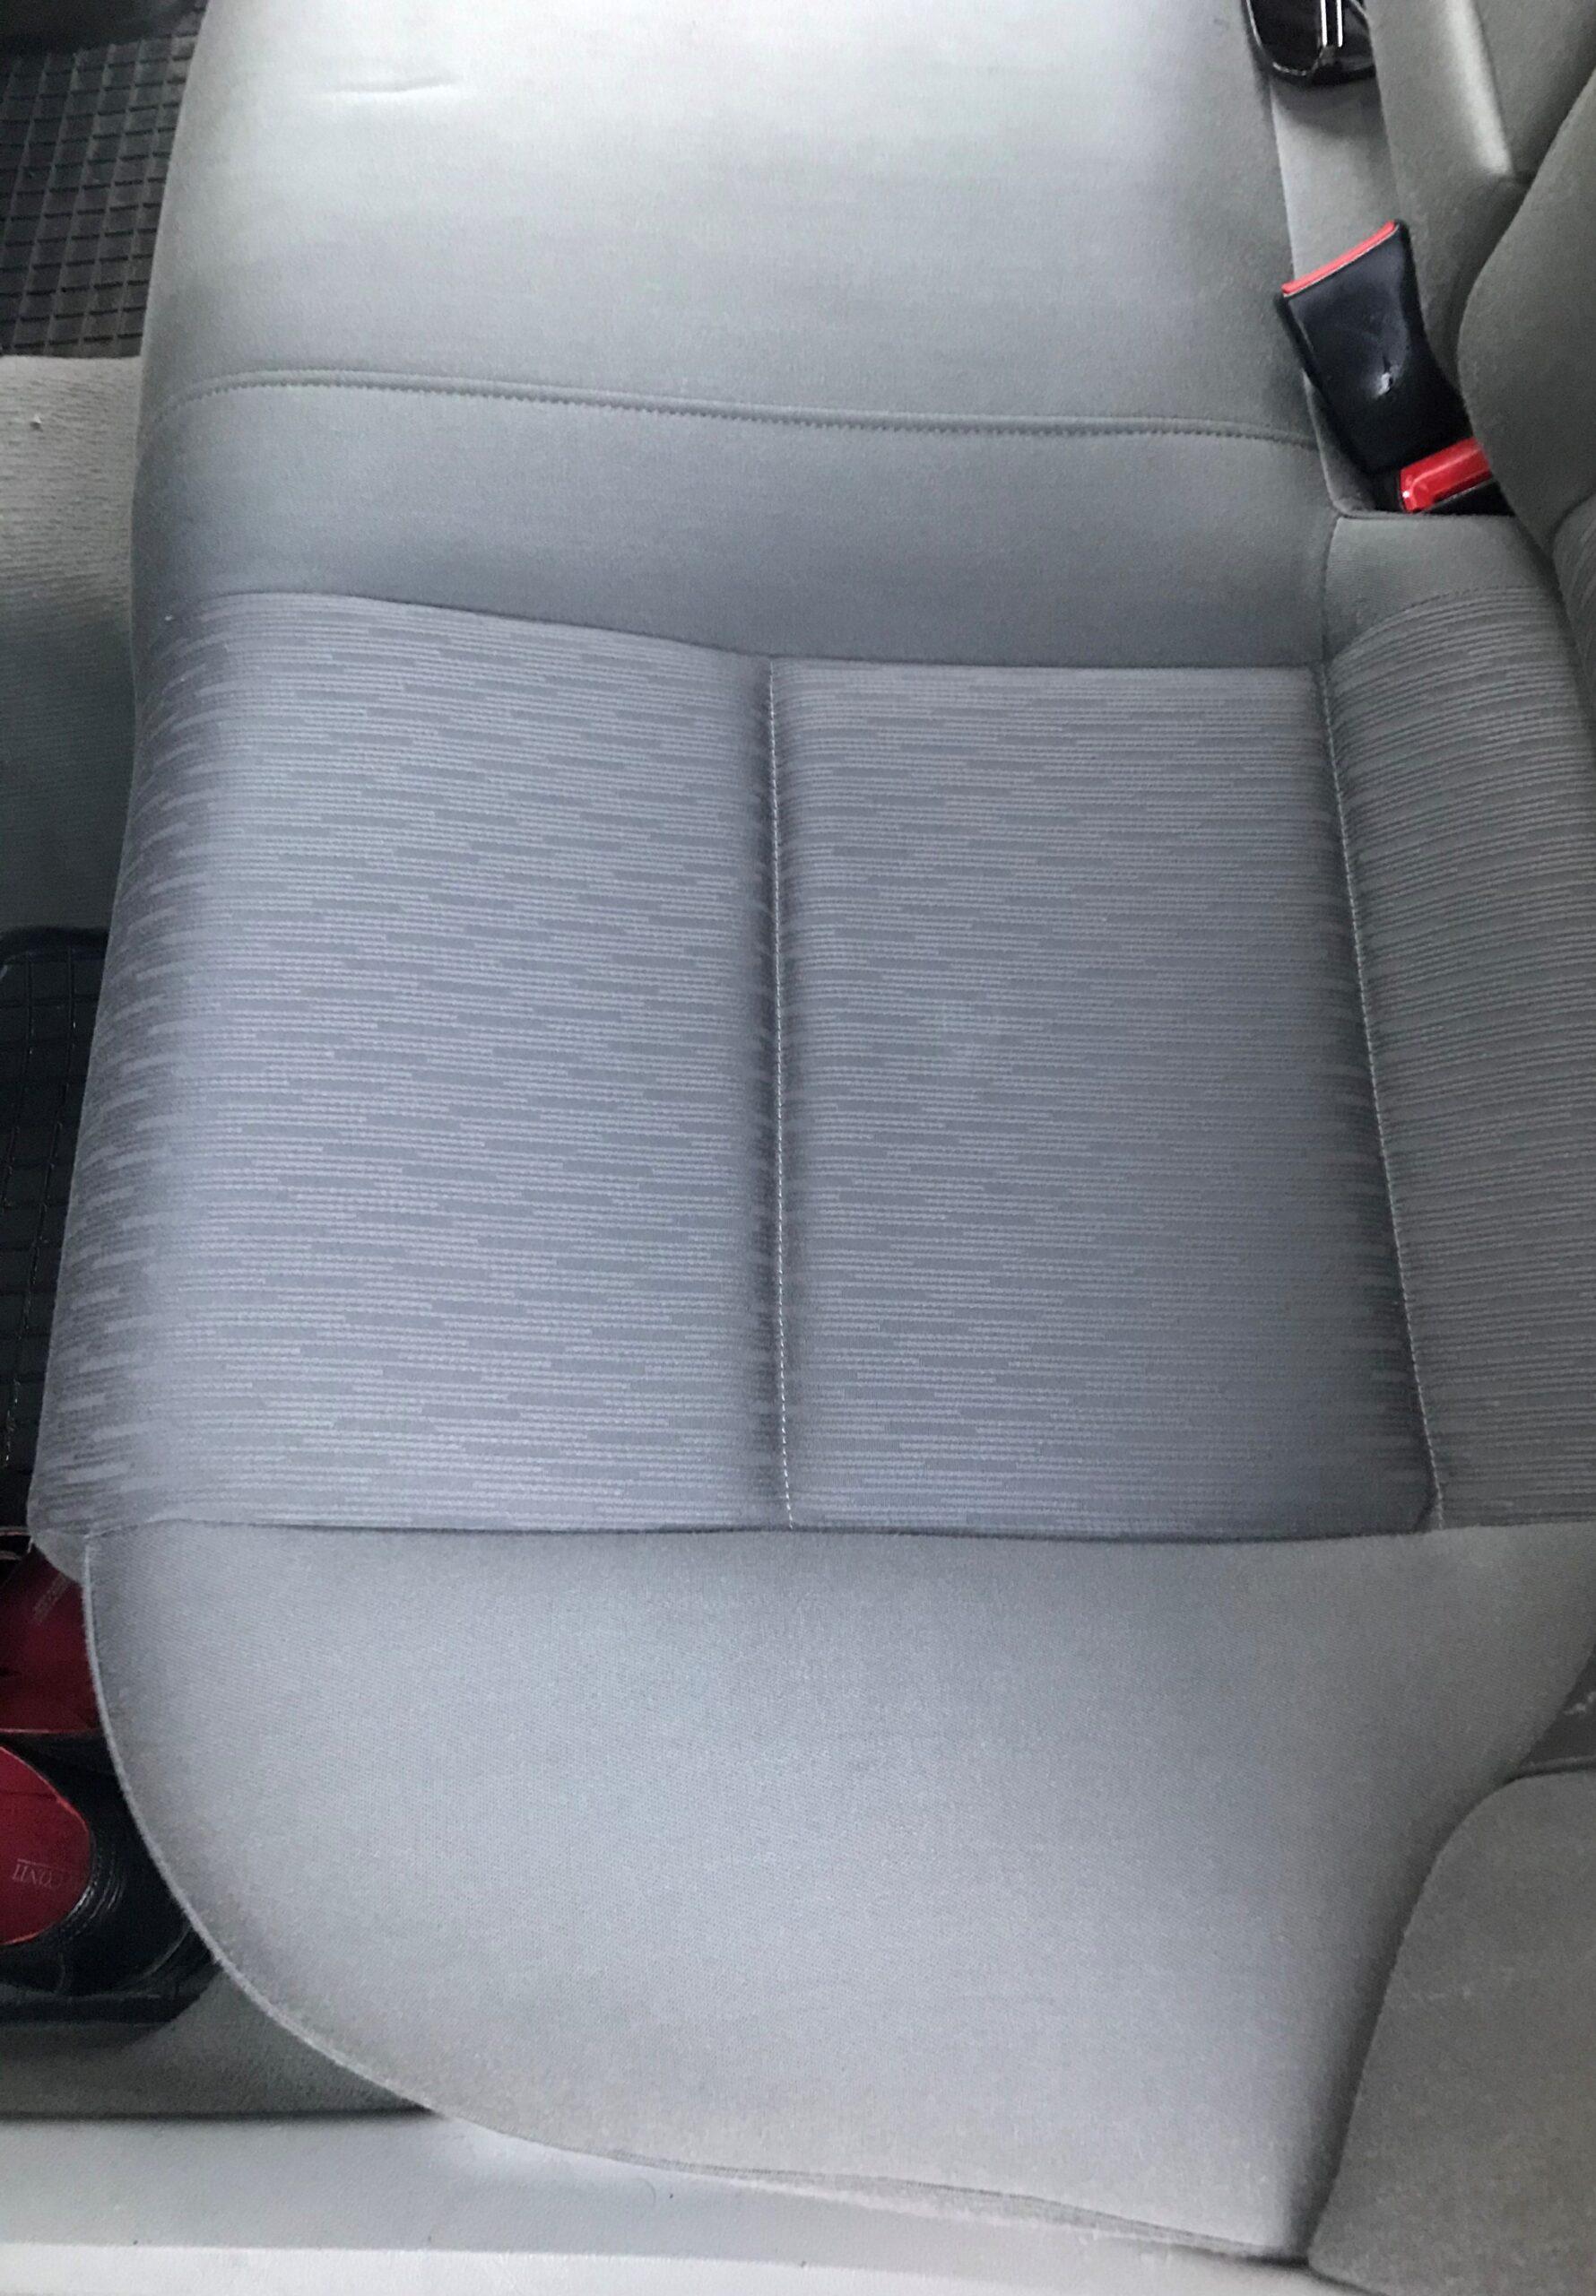 tepování sedačky v autě ostrava